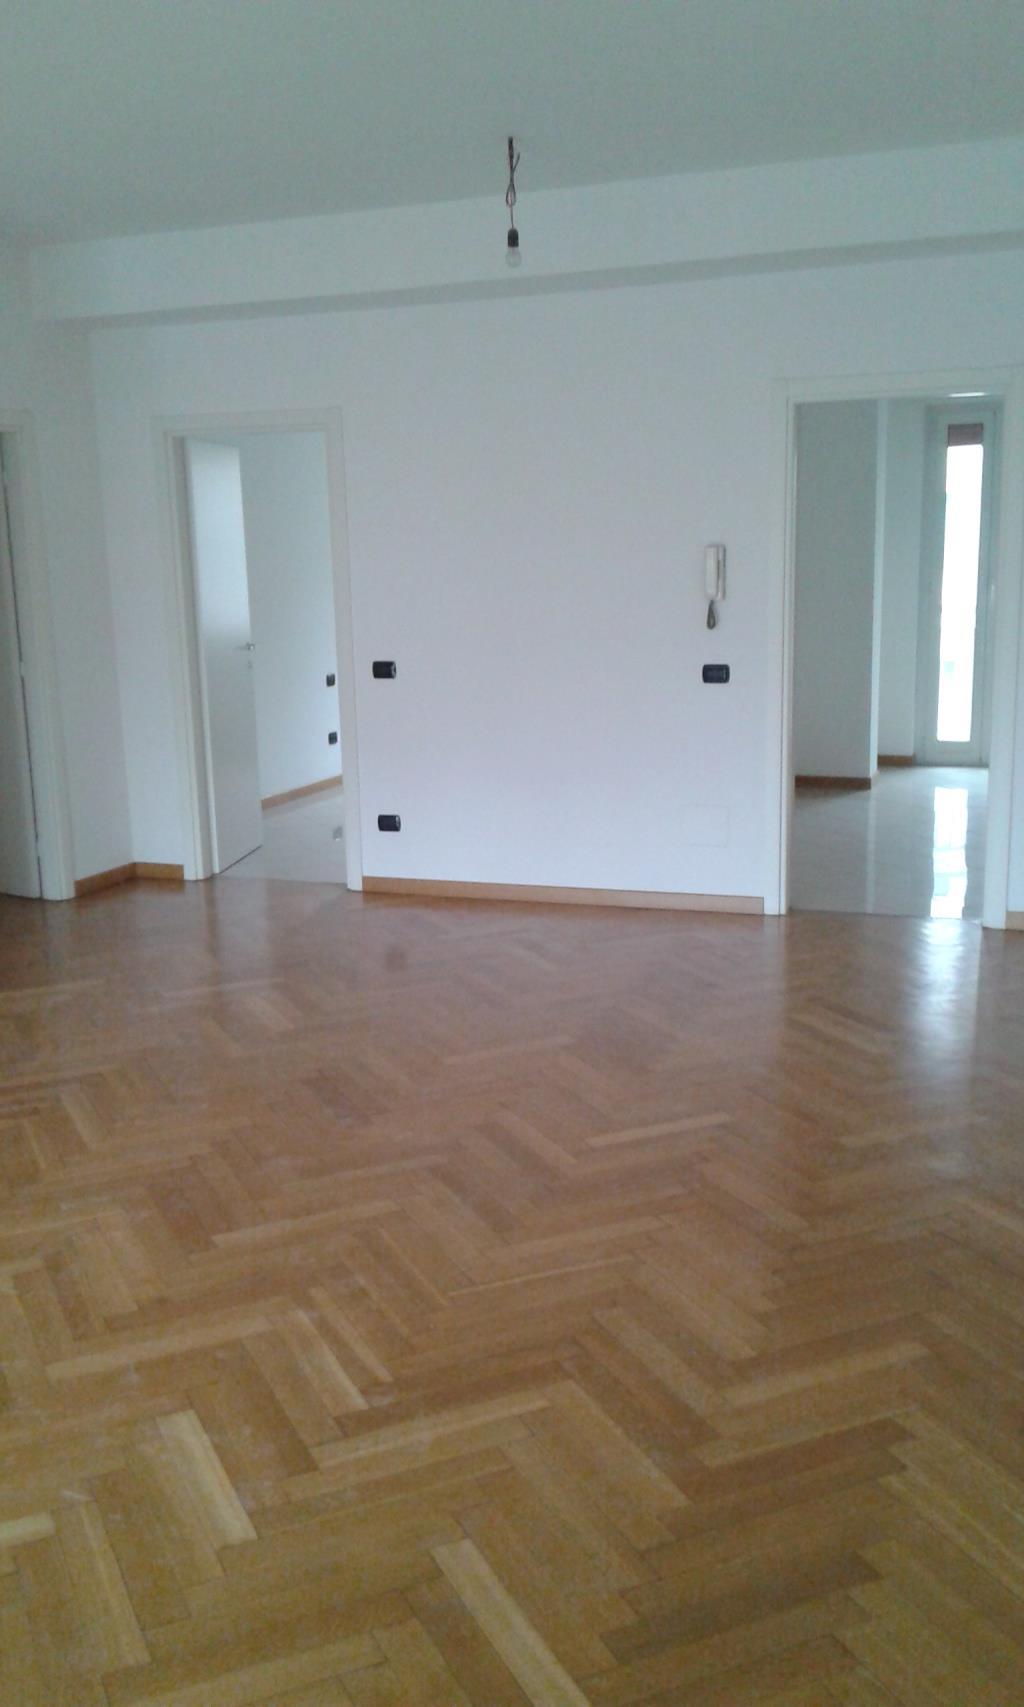 Appartamento in vendita a Milano, 4 locali, zona Località: Loreto, prezzo € 530.000   Cambio Casa.it